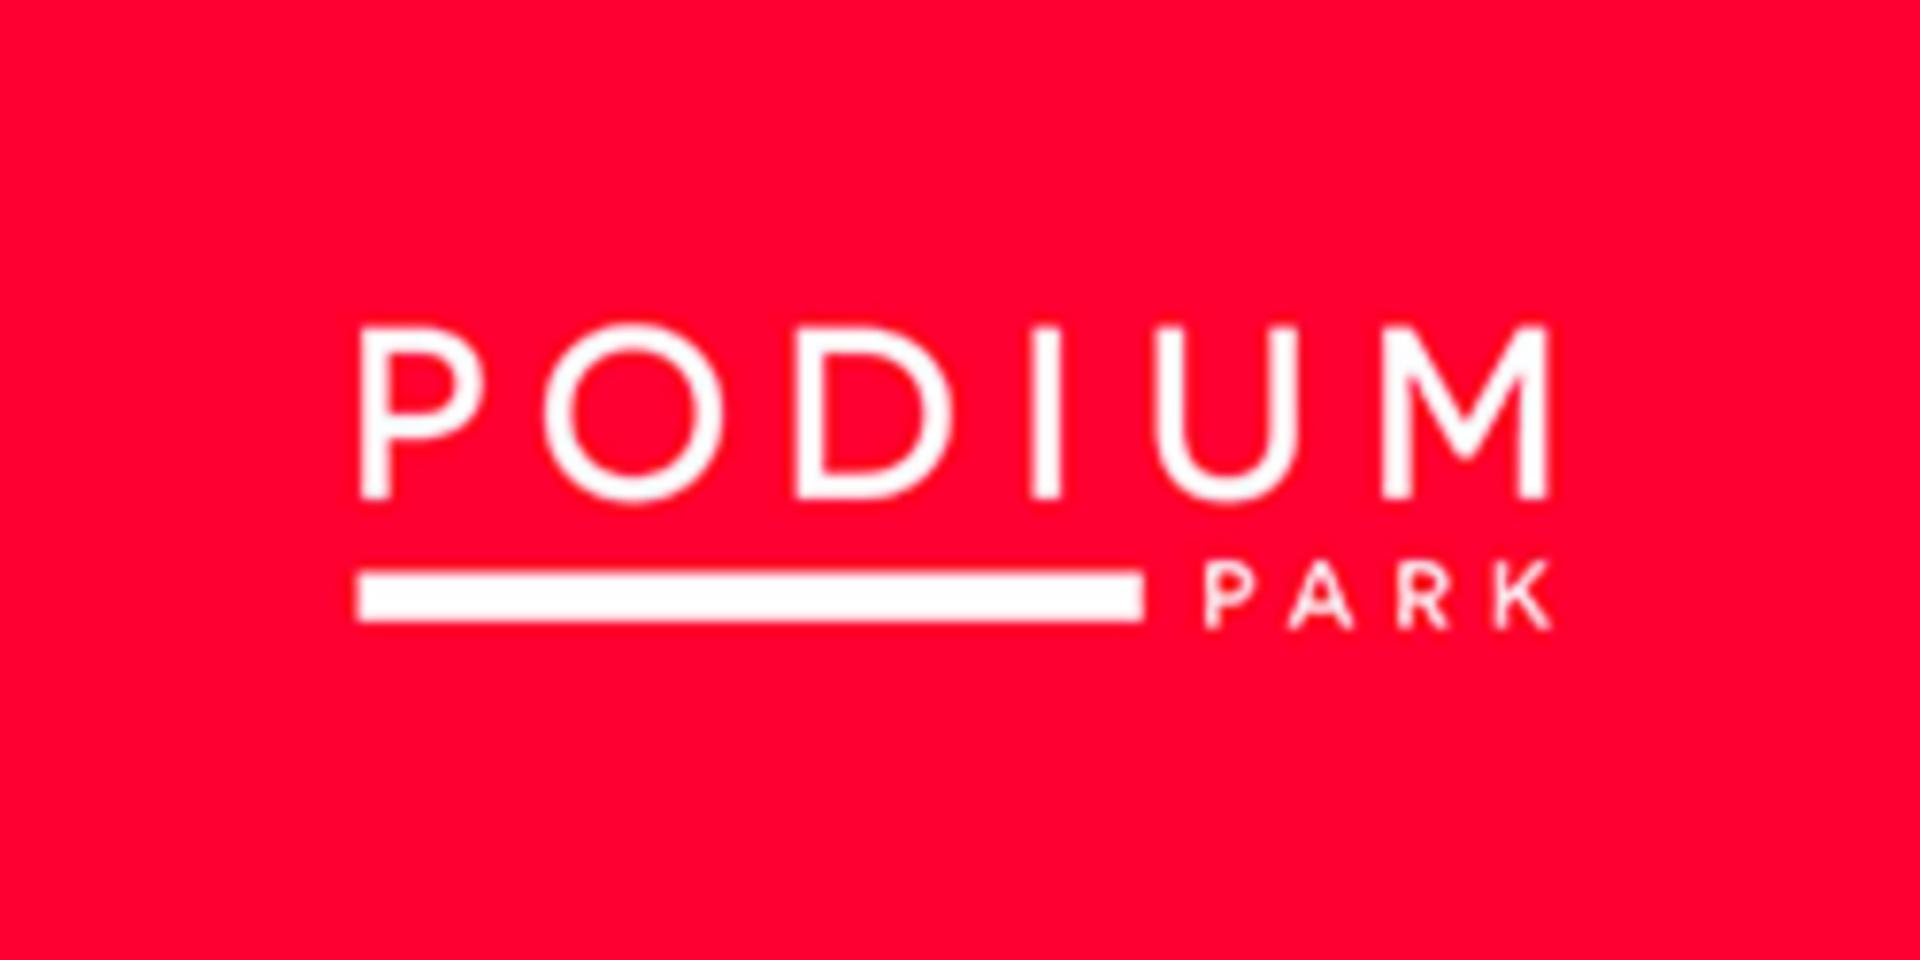 Podium Park